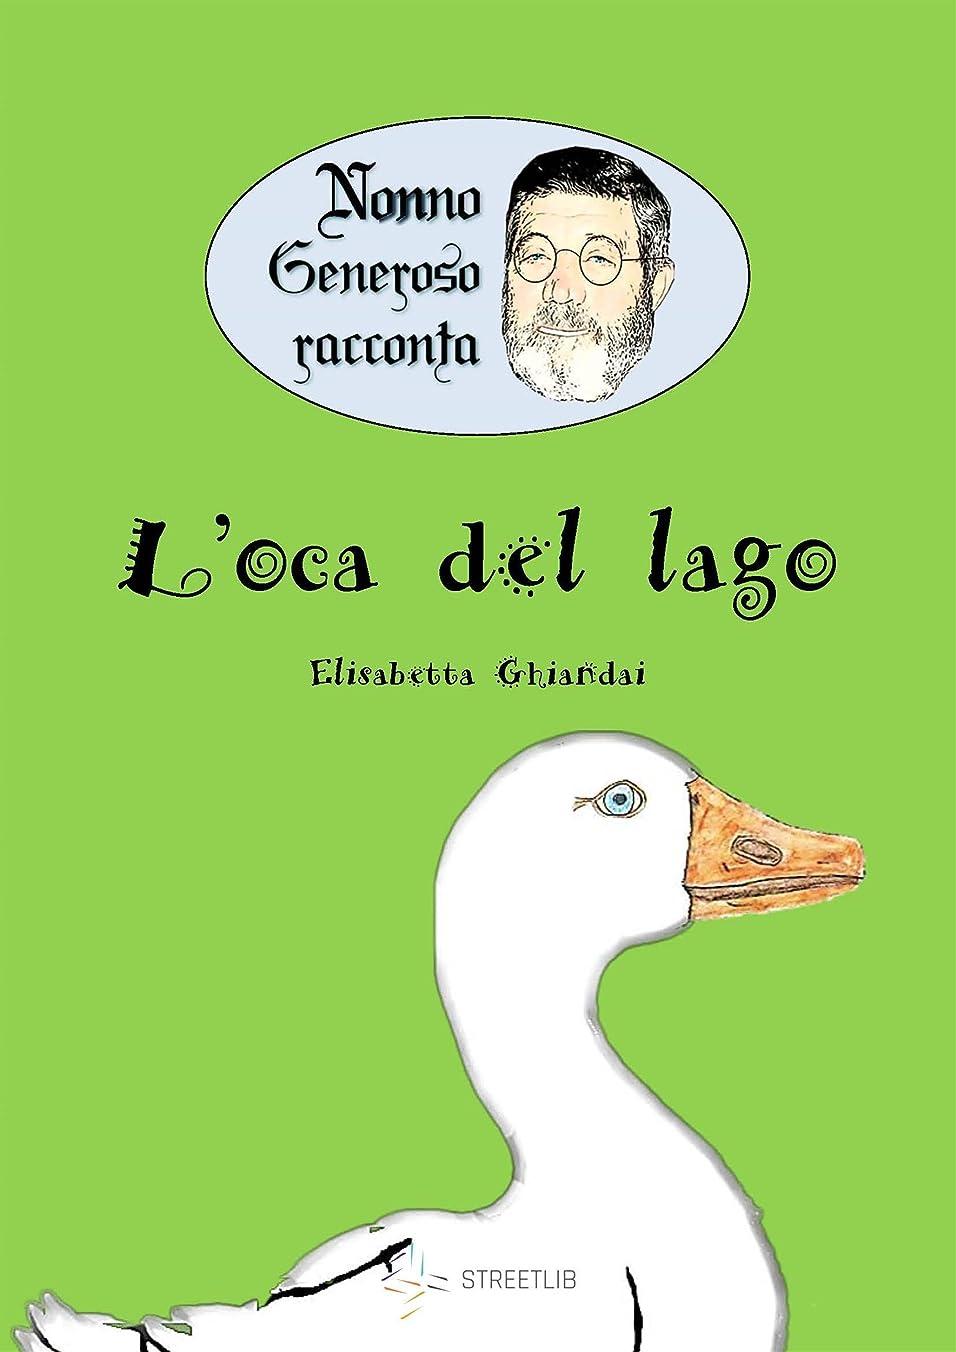 被害者処方する丘Nonno Generoso racconta - L'oca del lago (Italian Edition)